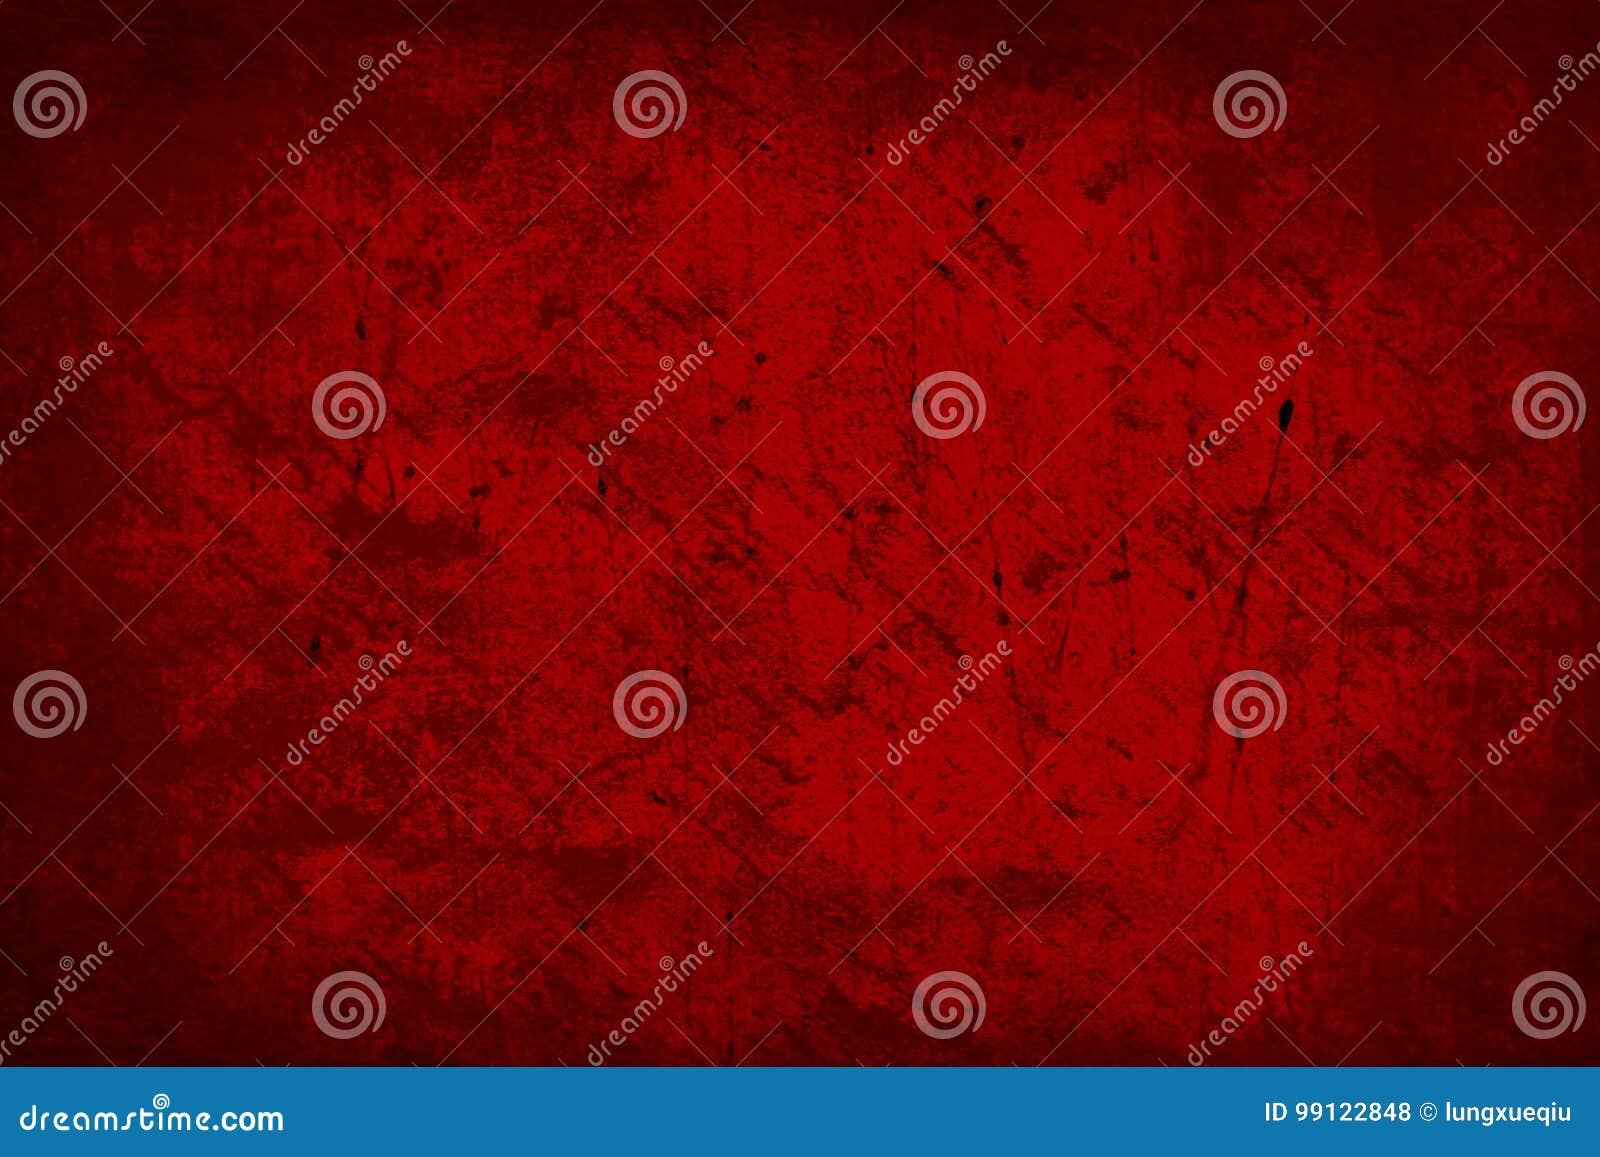 Dunkelrote alte Schmutz-Zusammenfassungs-Beschaffenheits-Hintergrund-Tapete